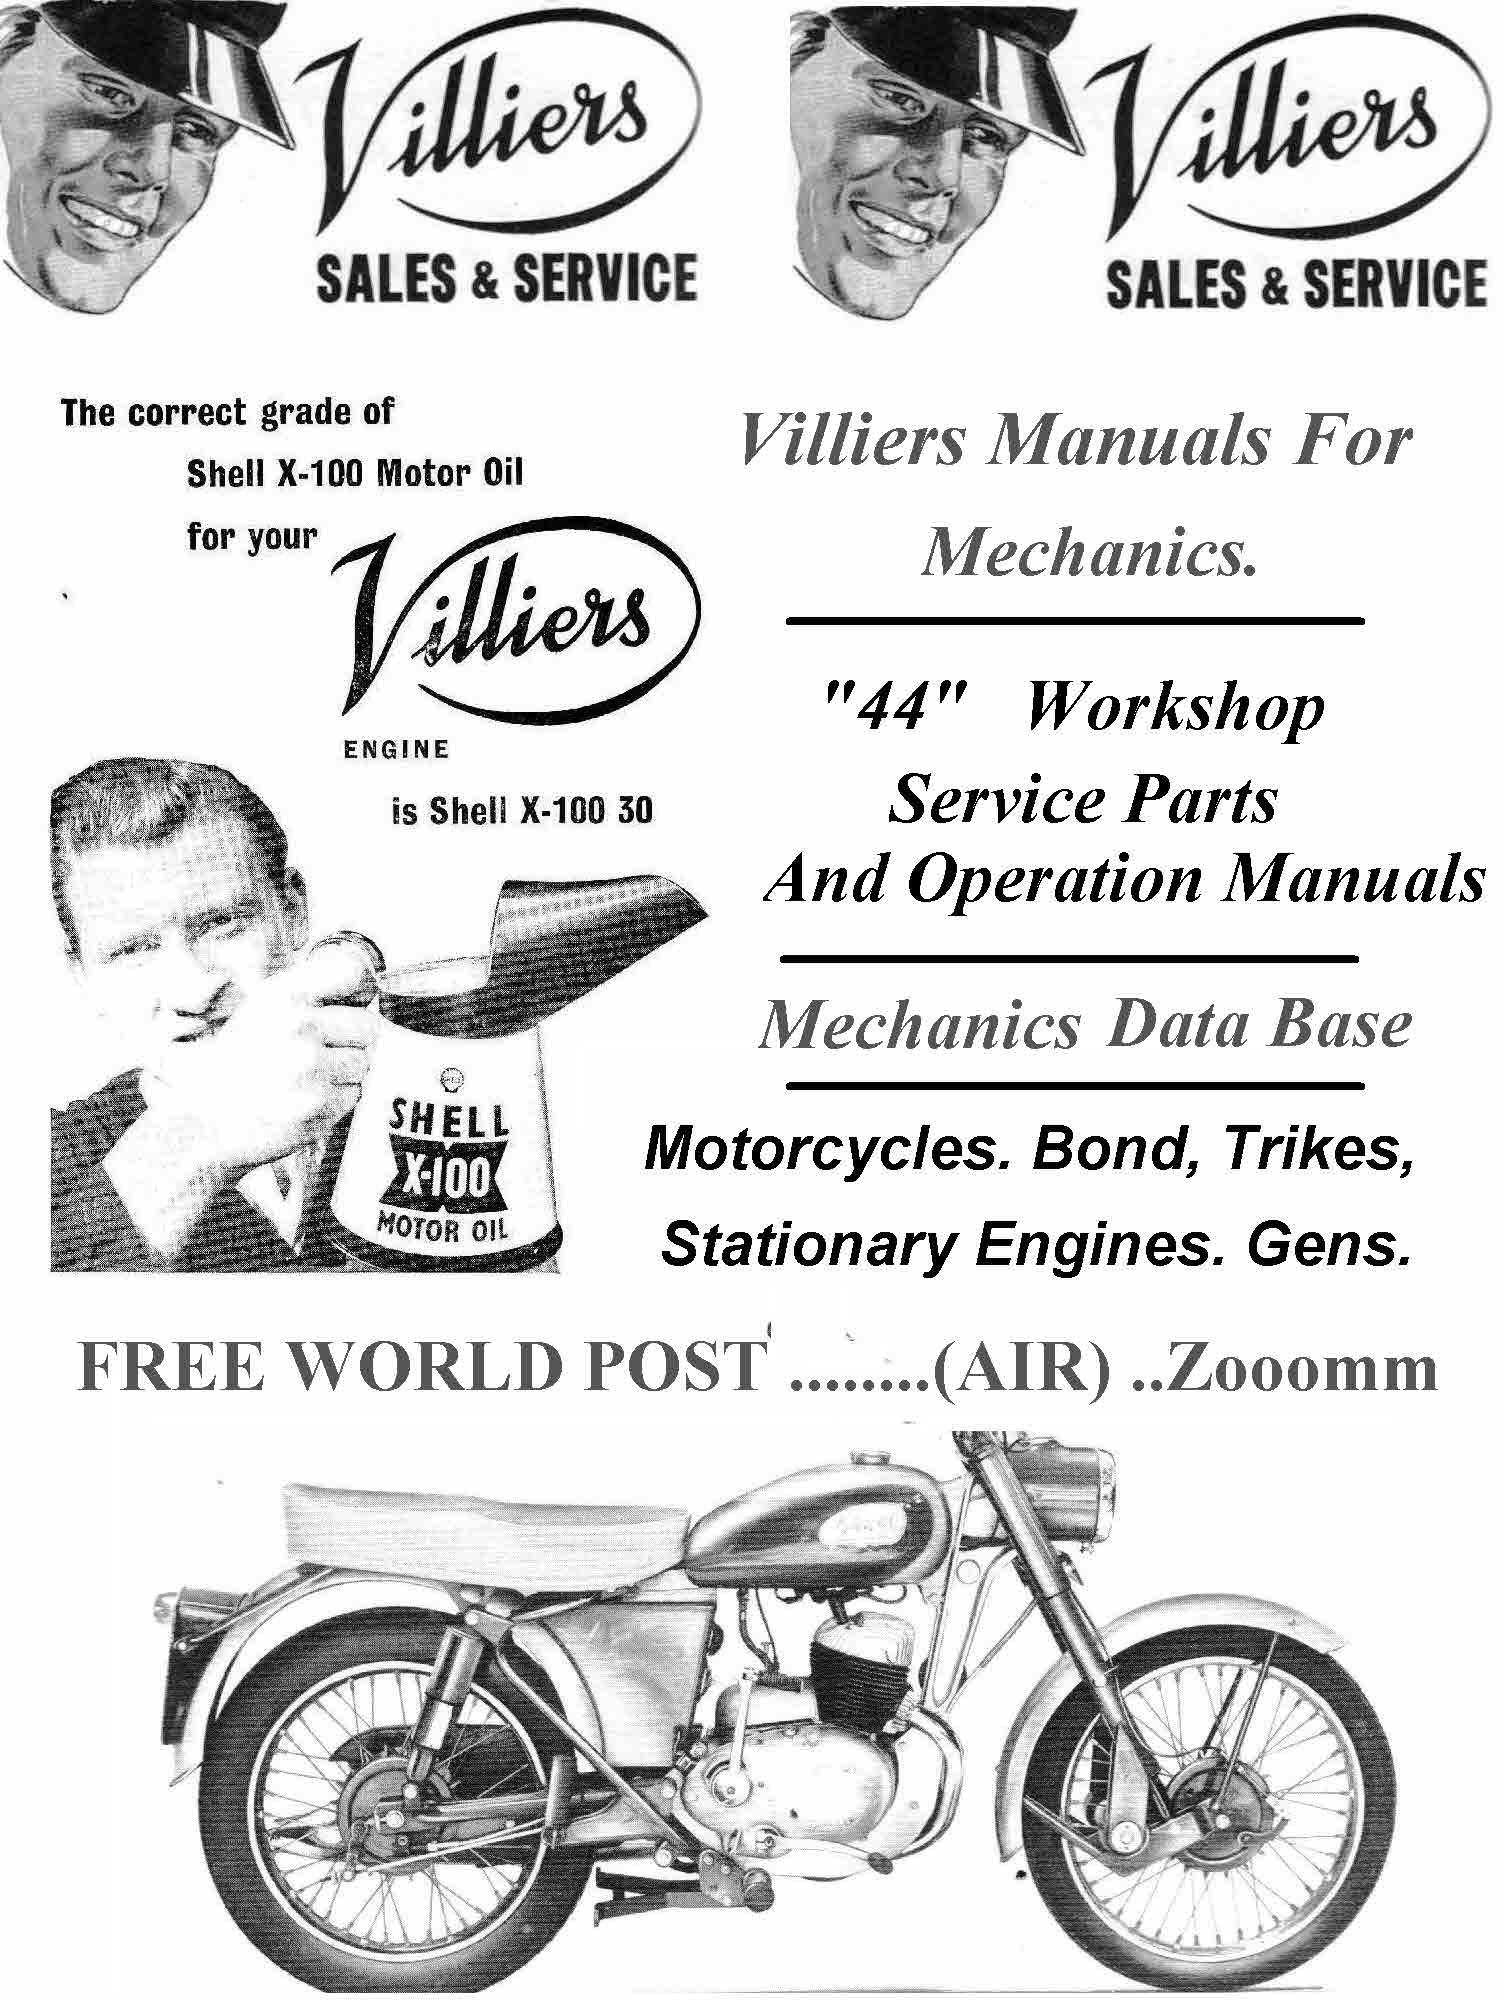 Villiers Generator Manual